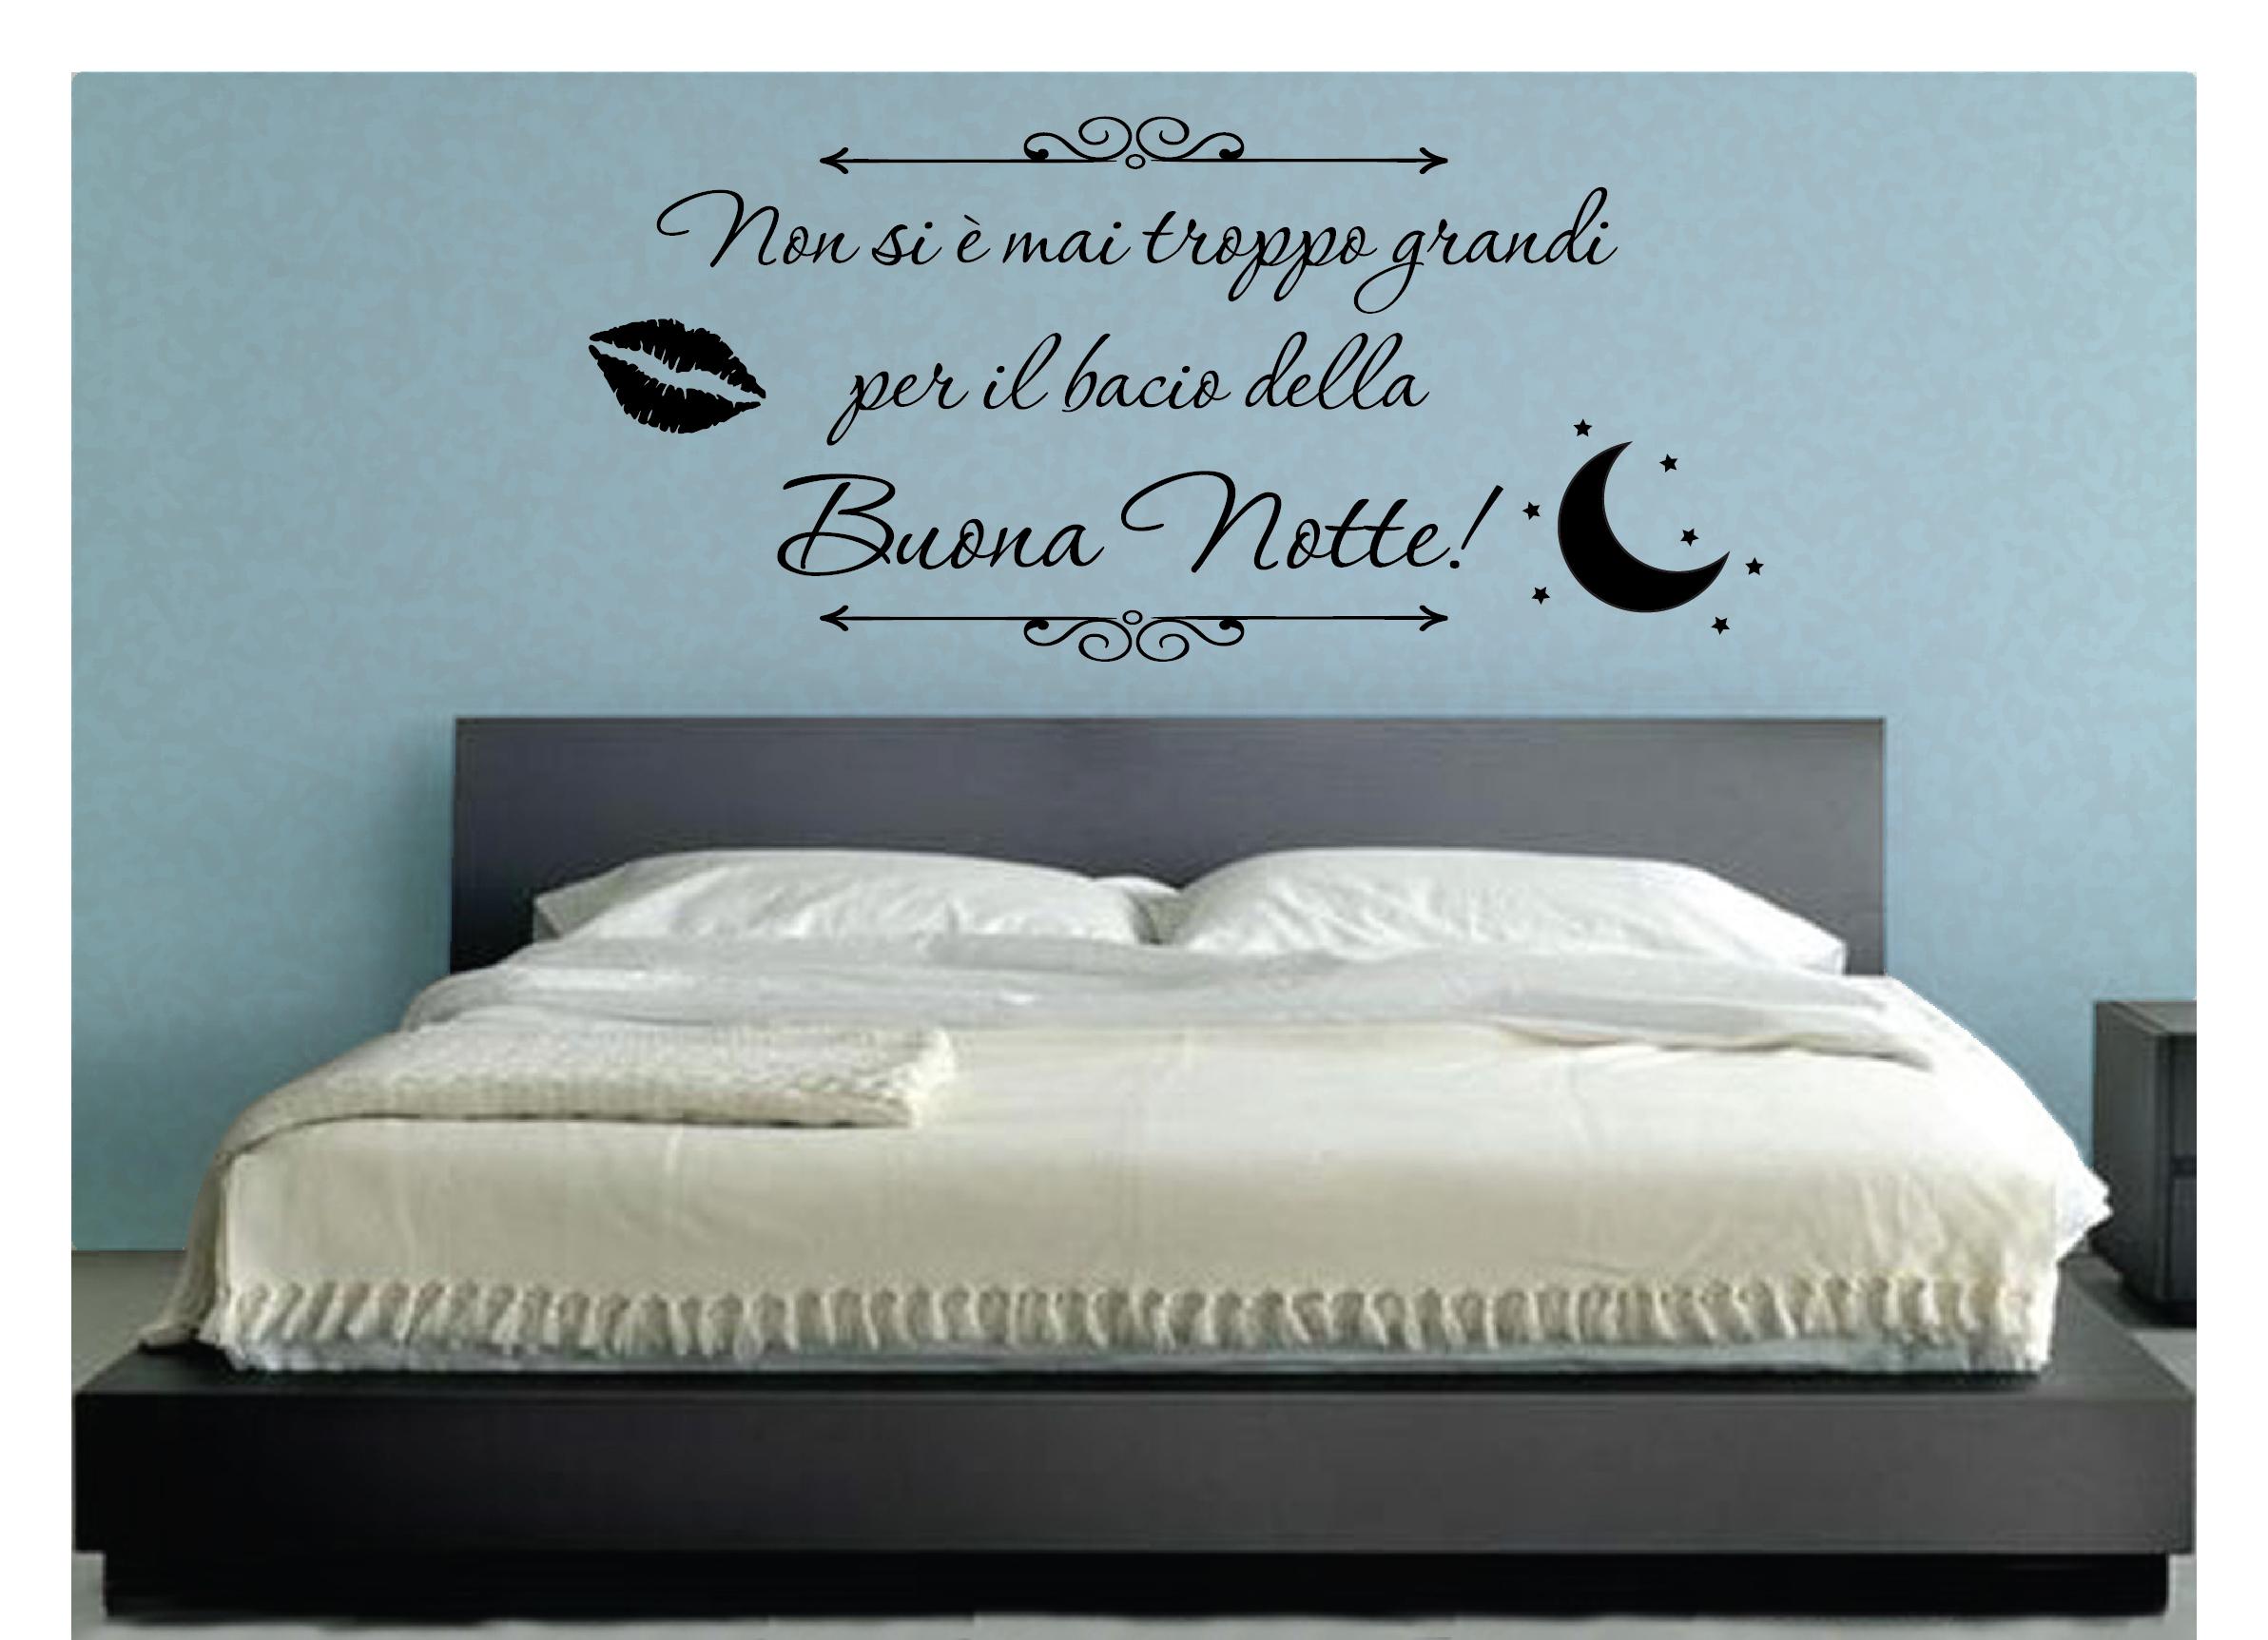 Wall stickers murali bacio della buona notte famiglia casa adesivo love amore ebay - Dipinti camera da letto ...